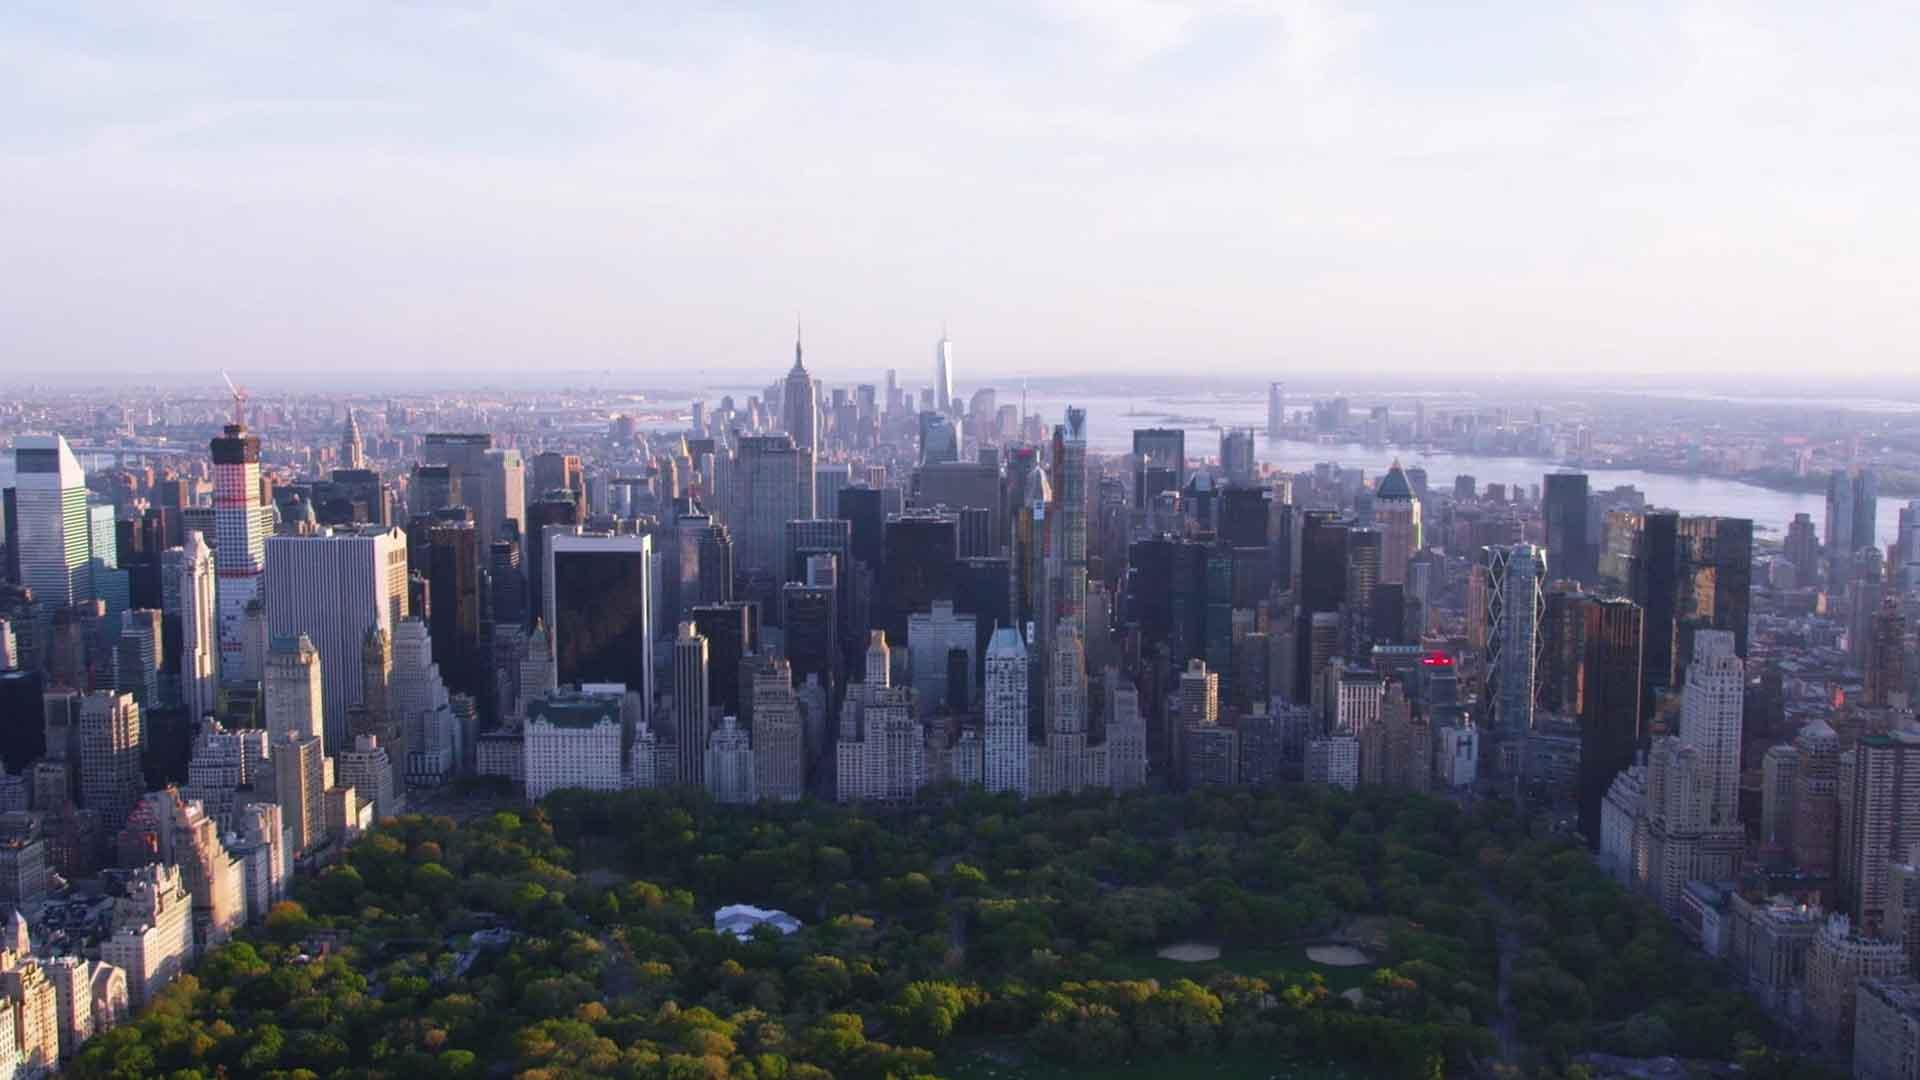 Das Bild zeigt eine Skyline. Es ist die Skyline von New York. Im Vordergrund sieht man den Central Park. Das Bild dient als Sliderbild für den Portfolioeintrag Engel und Völkers Recruitingfilm von Panda Pictures.